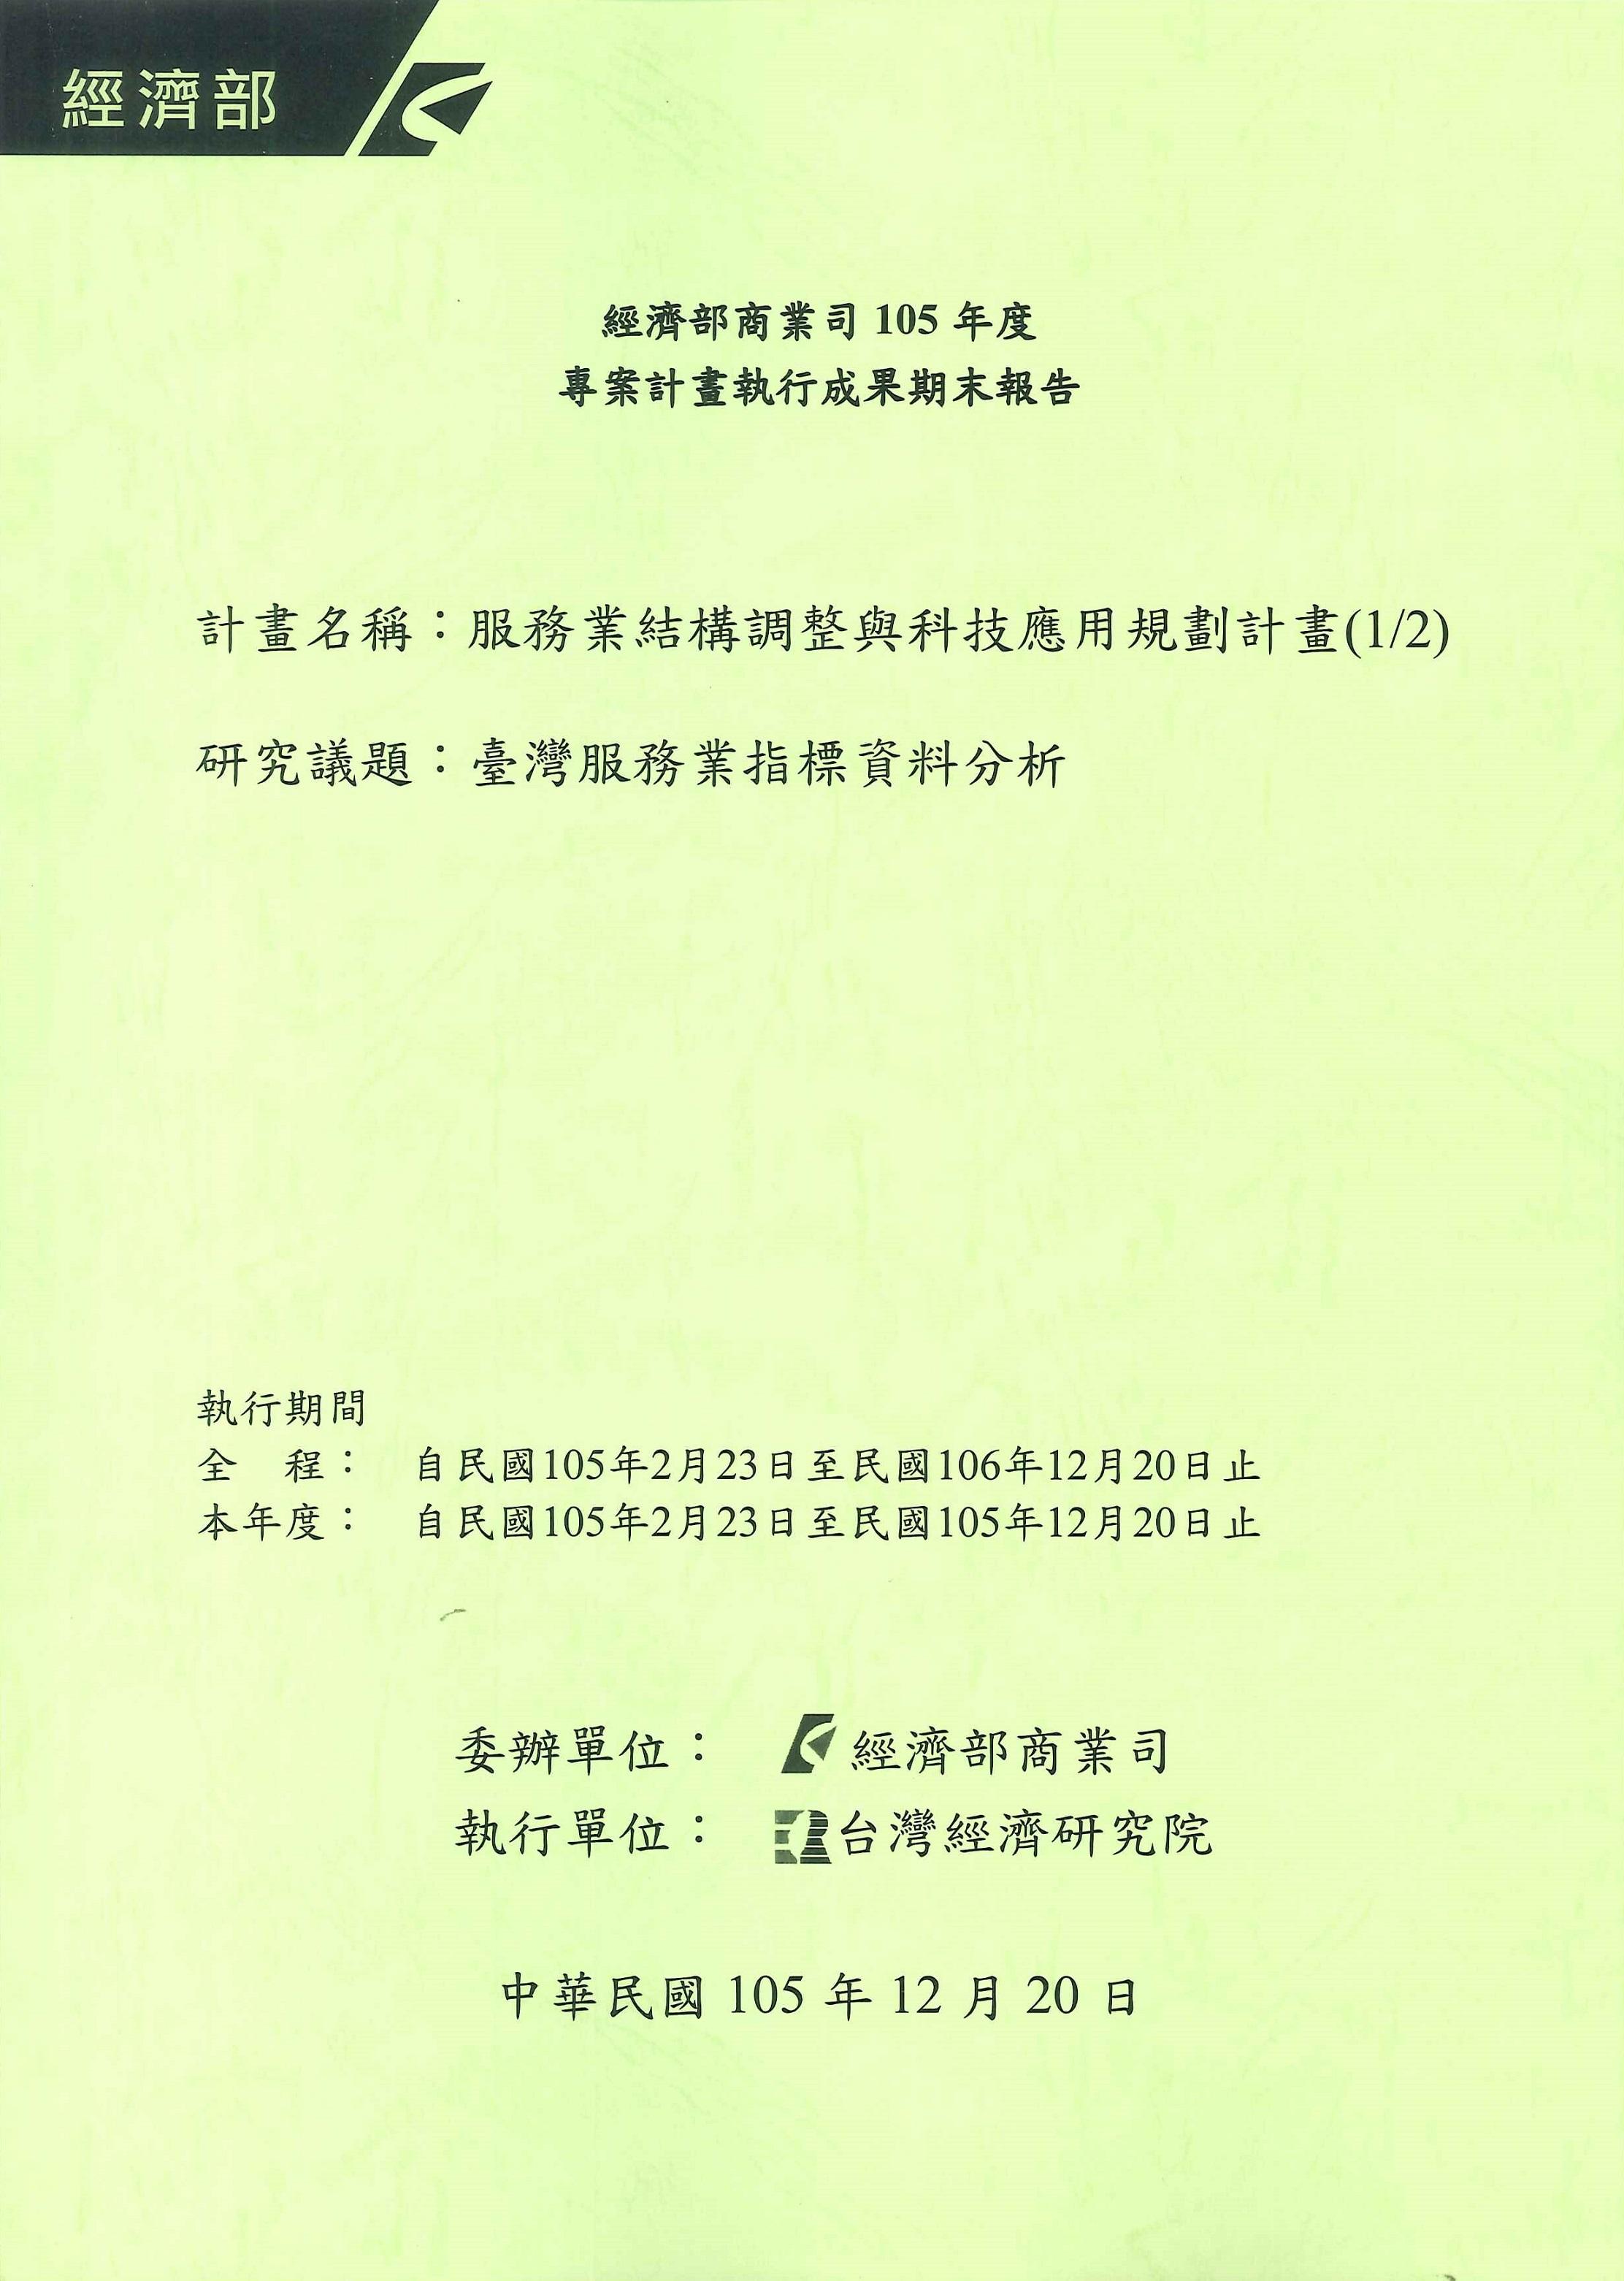 服務業結構調整與科技應用規劃計畫.臺灣服務業指標資料分析.1/2